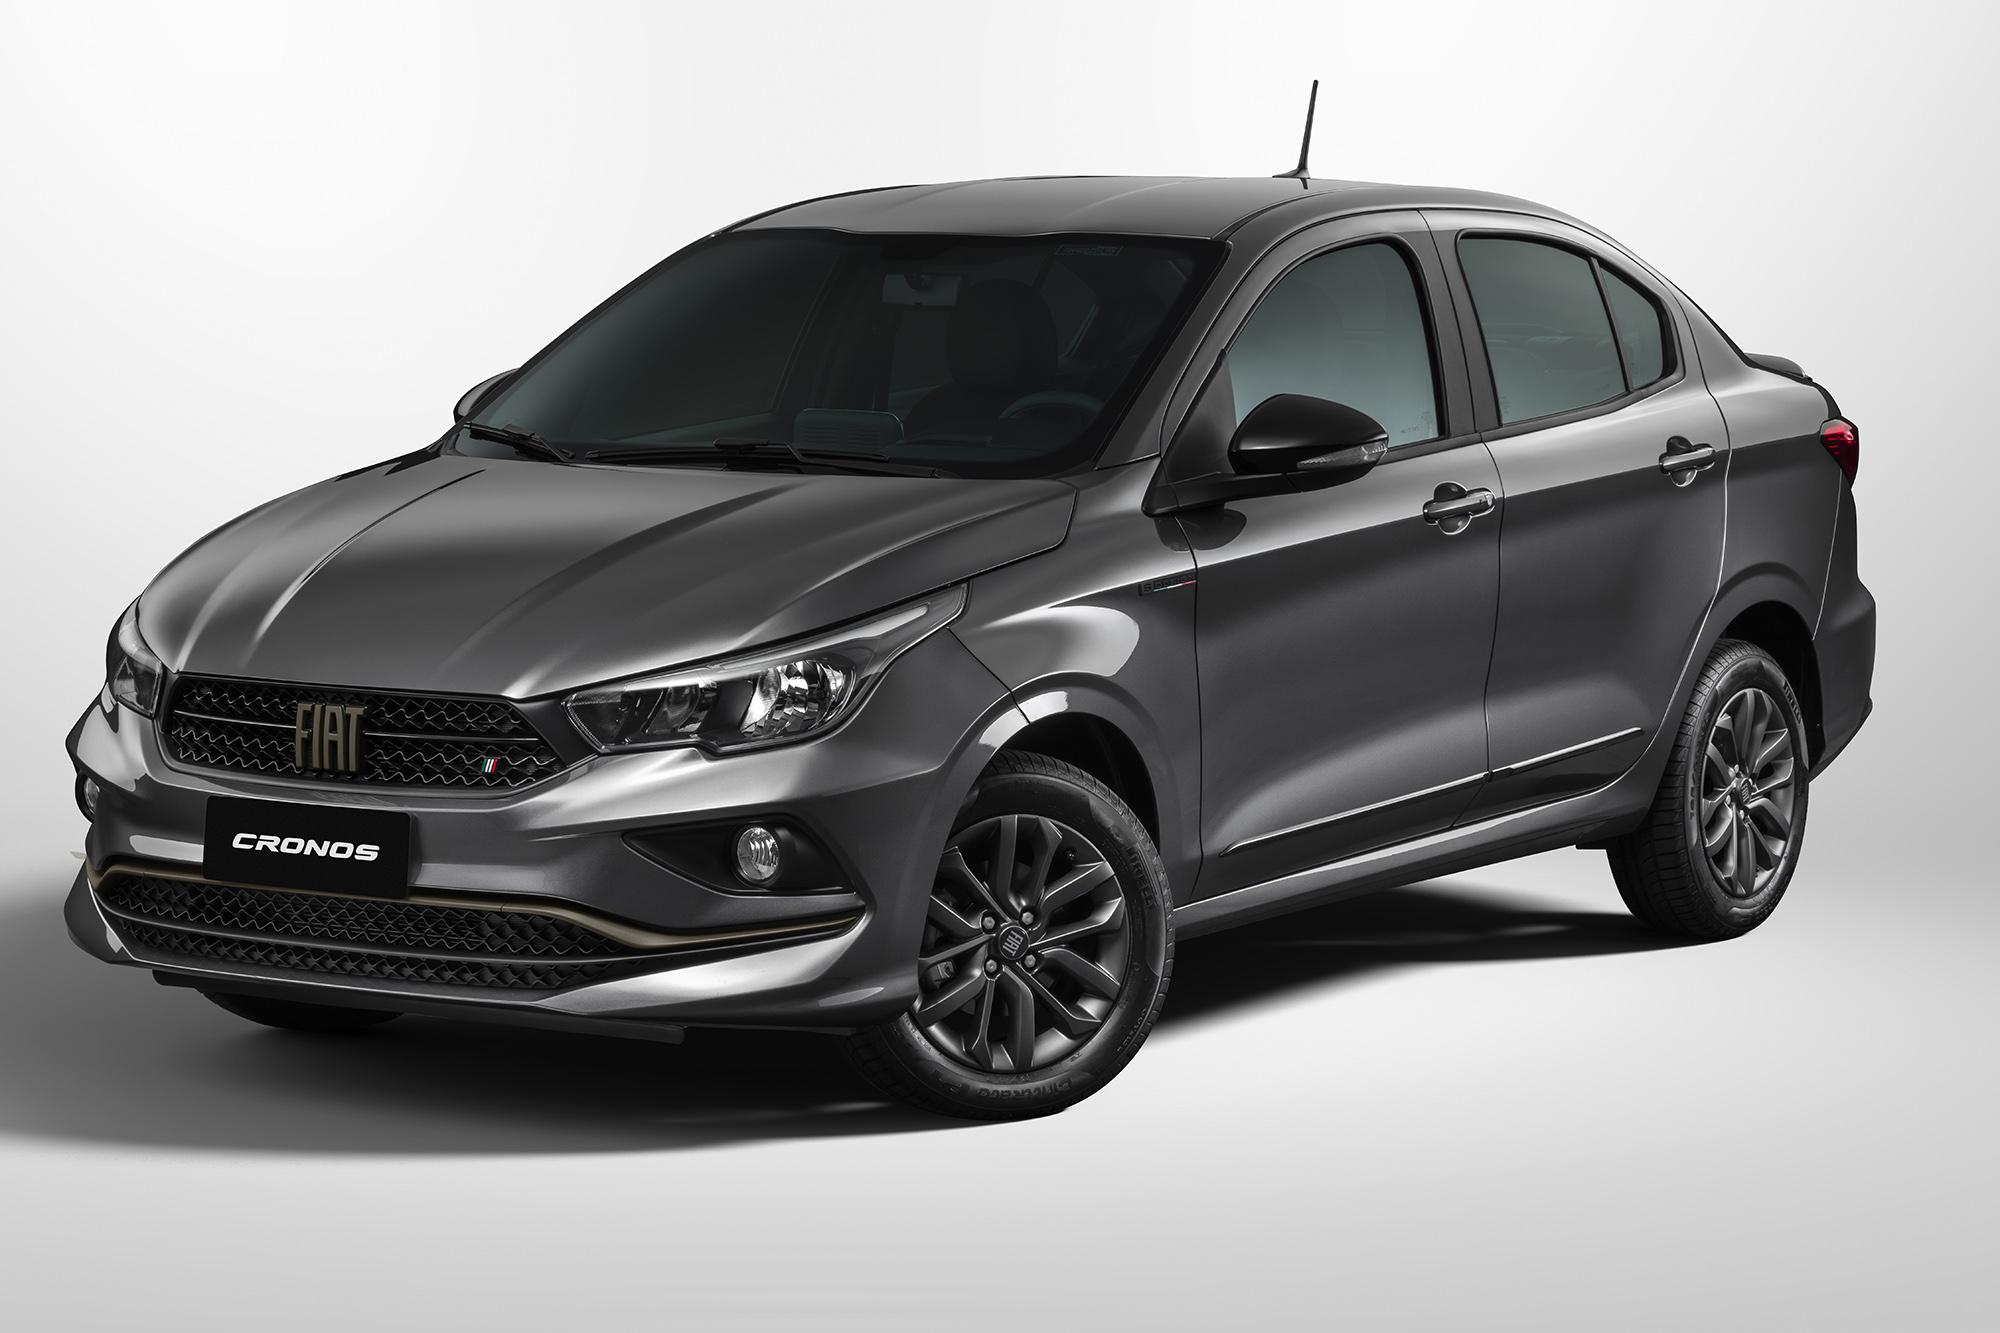 Novo Fiat Cronos S-Design 2022